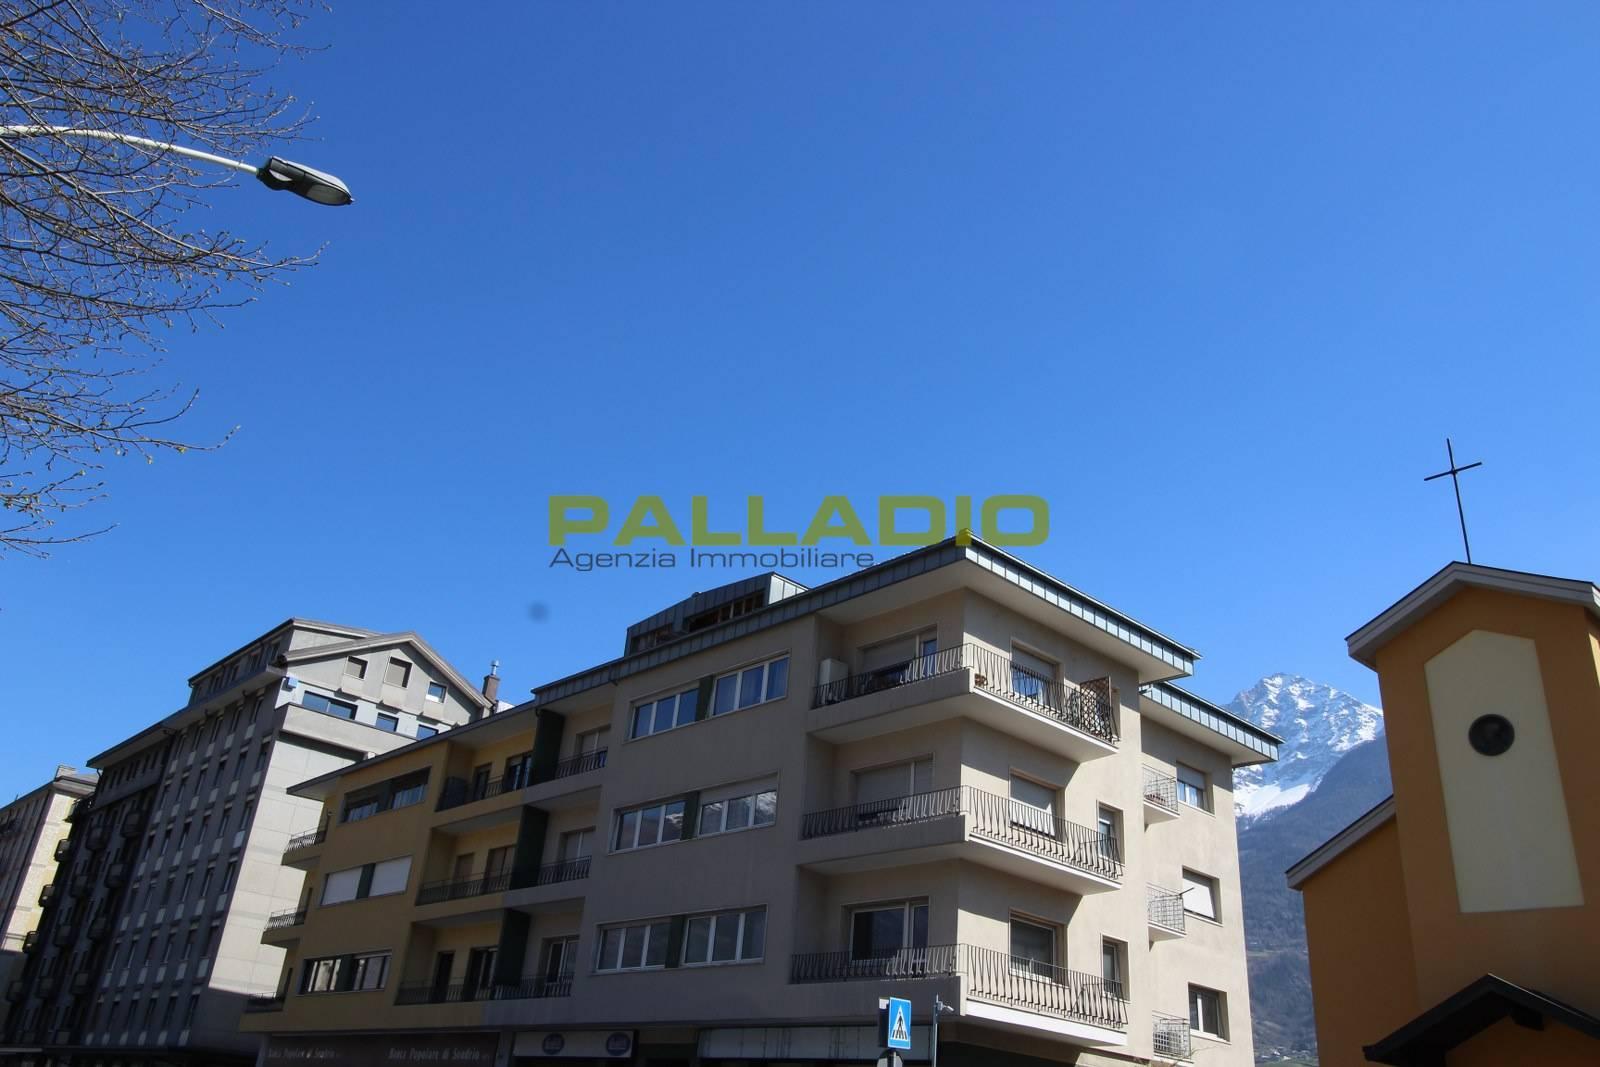 aosta vendita quart: centro palladio-di-giuliani-cinzia